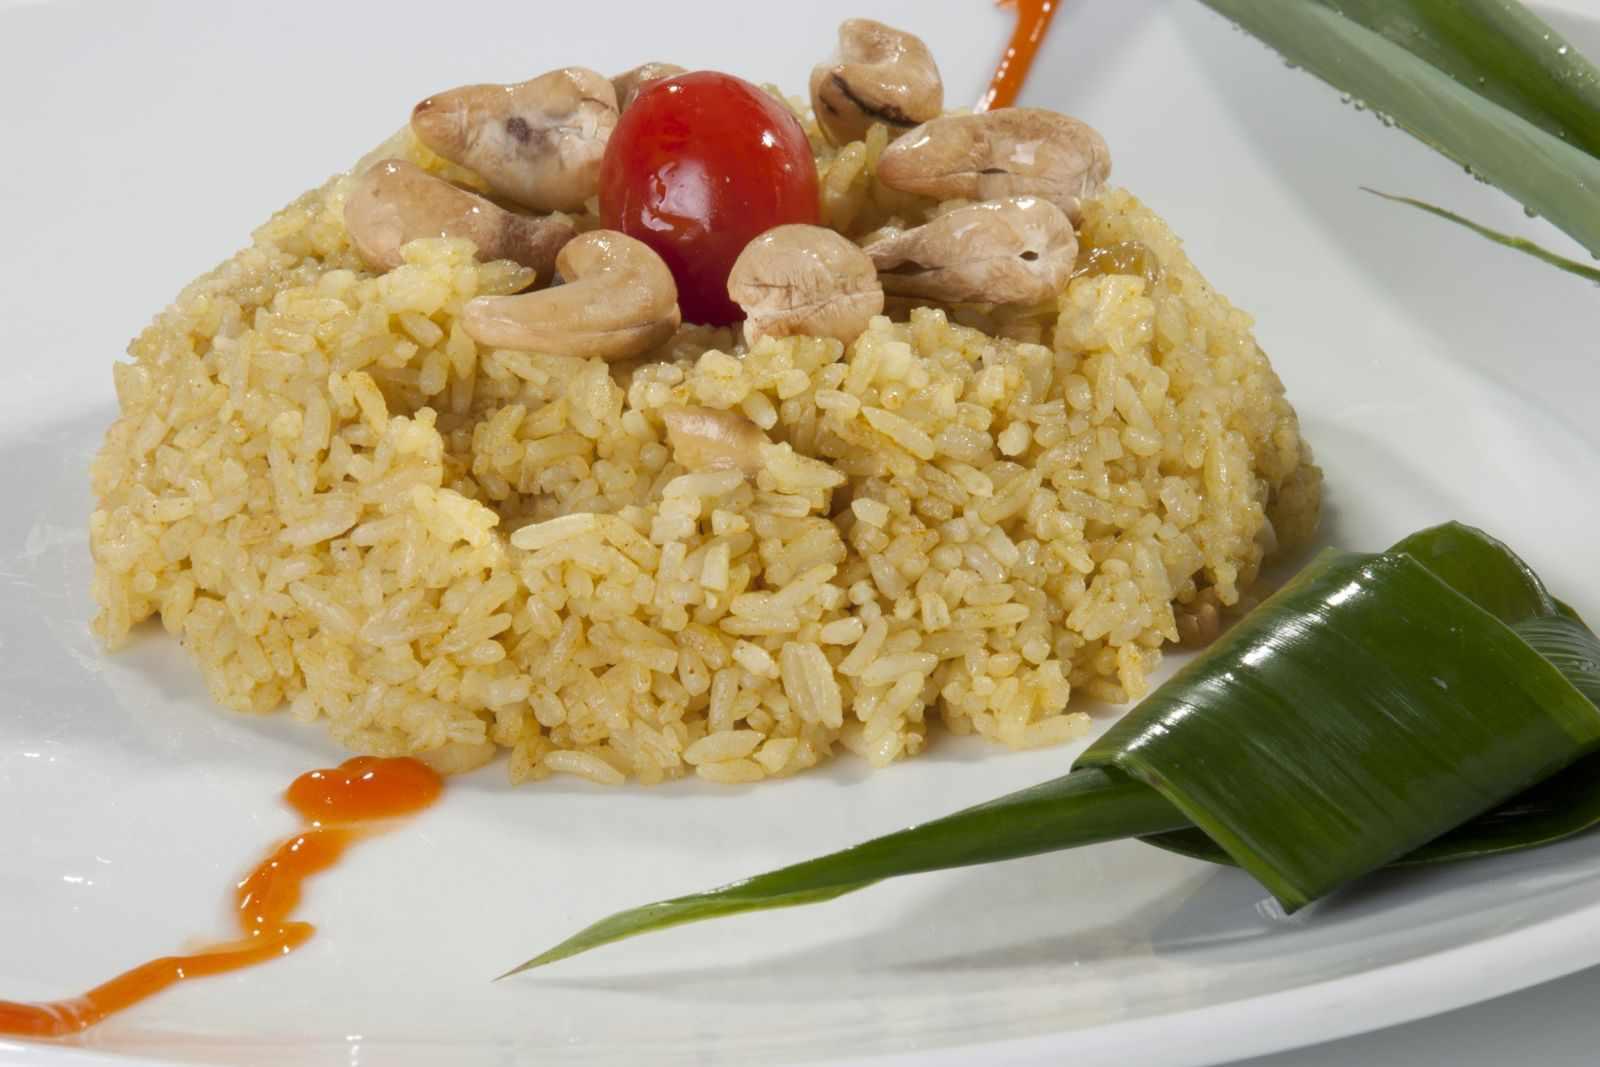 Món ăn độc đáo này bạn không thể tìm thấy nơi nào khác ngoài An Giang đâu. Tour An Giang.